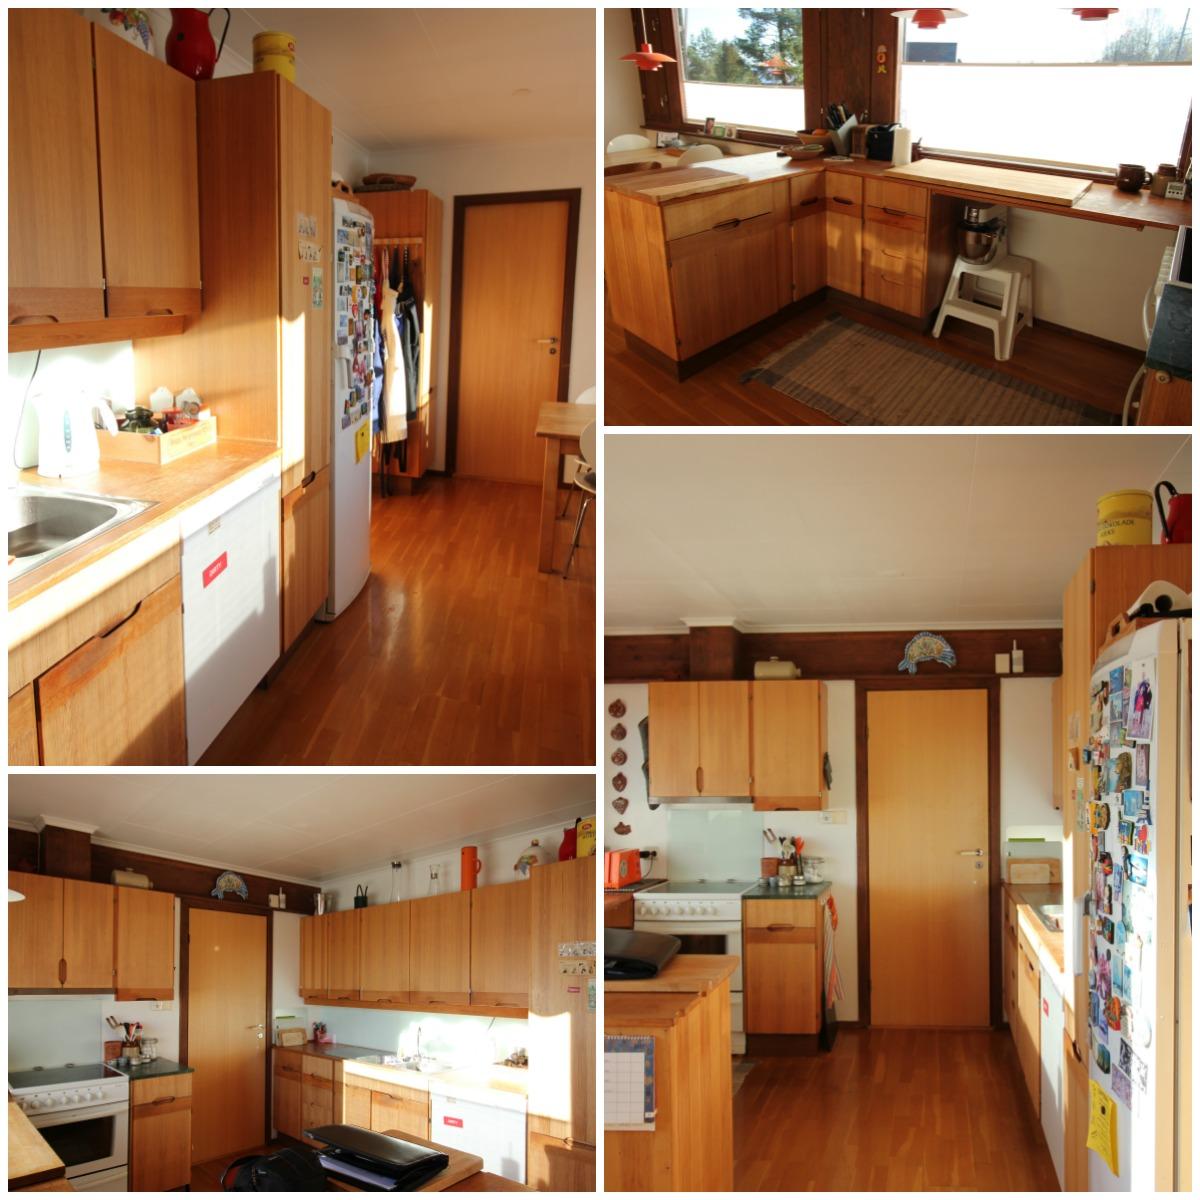 Bilder kjøkkenet før oppussing